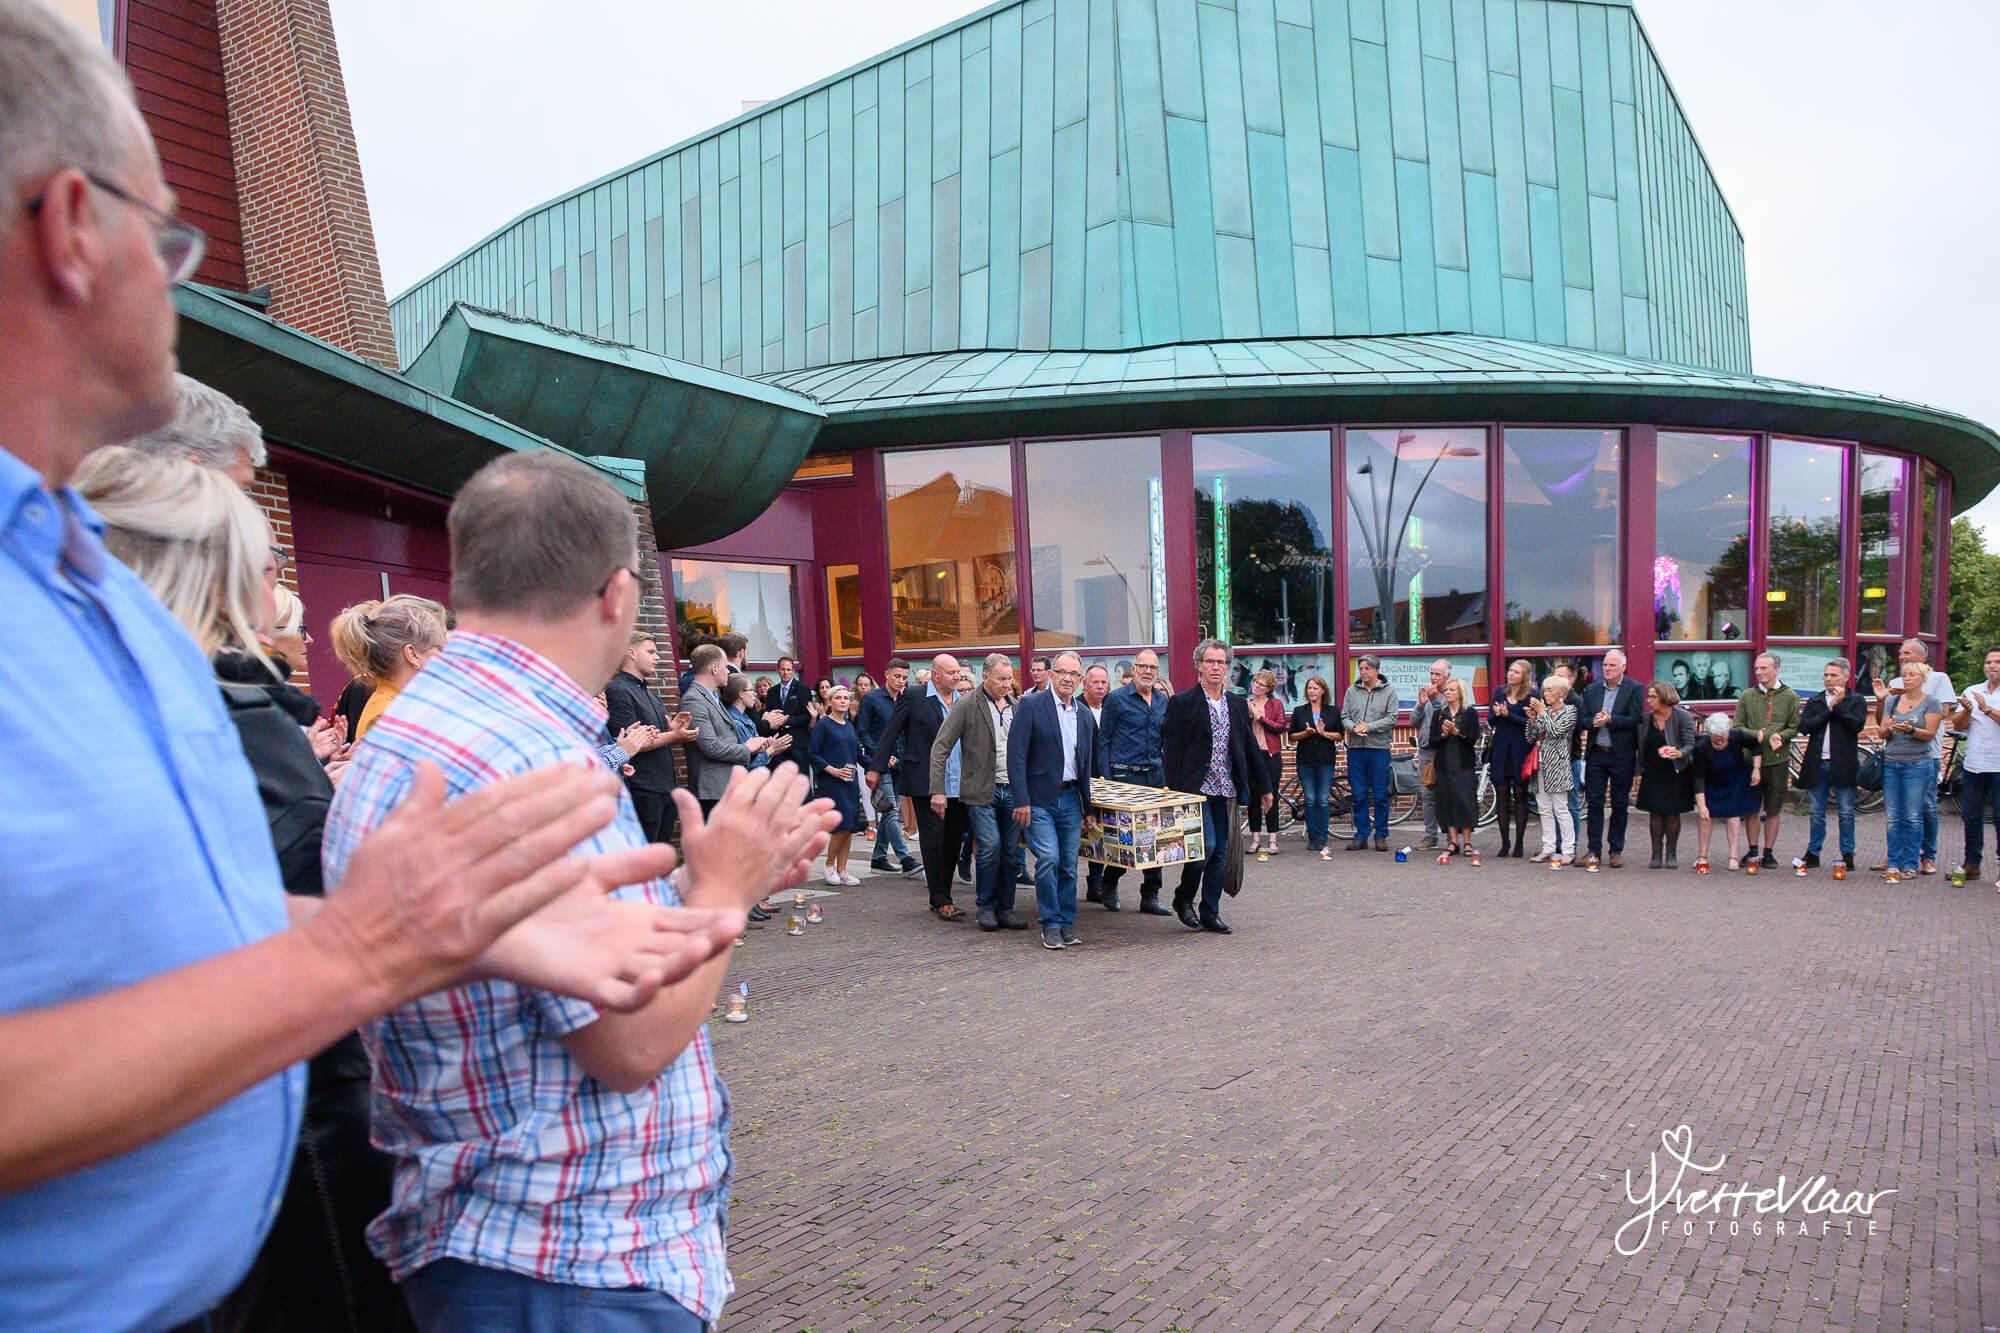 afscheidsfotografie-parkschouwburg-hoorn-uitvaart-009